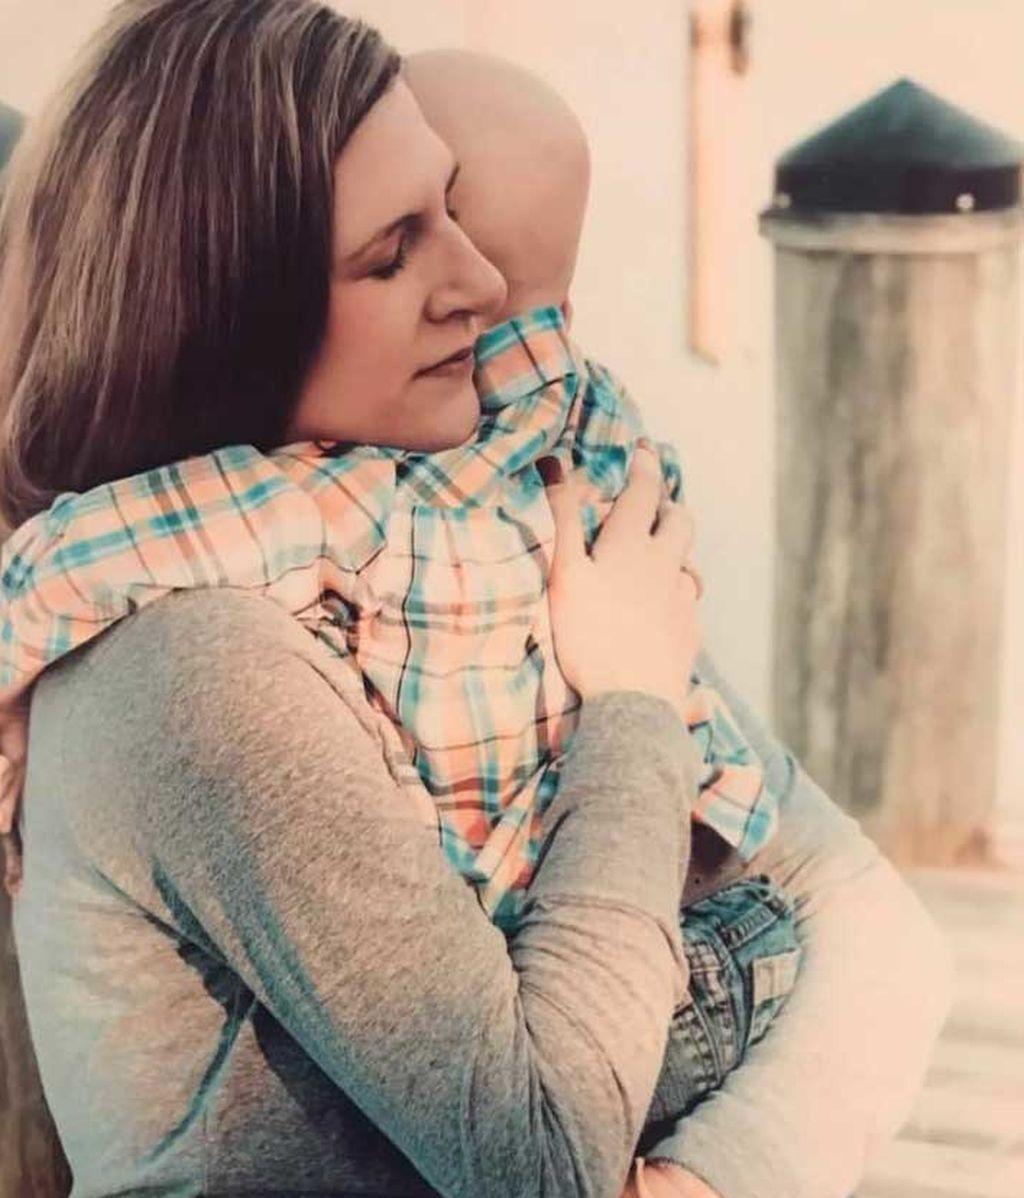 La estremecedora conversación entre una madre y su hijo de cuatro años a punto de morir